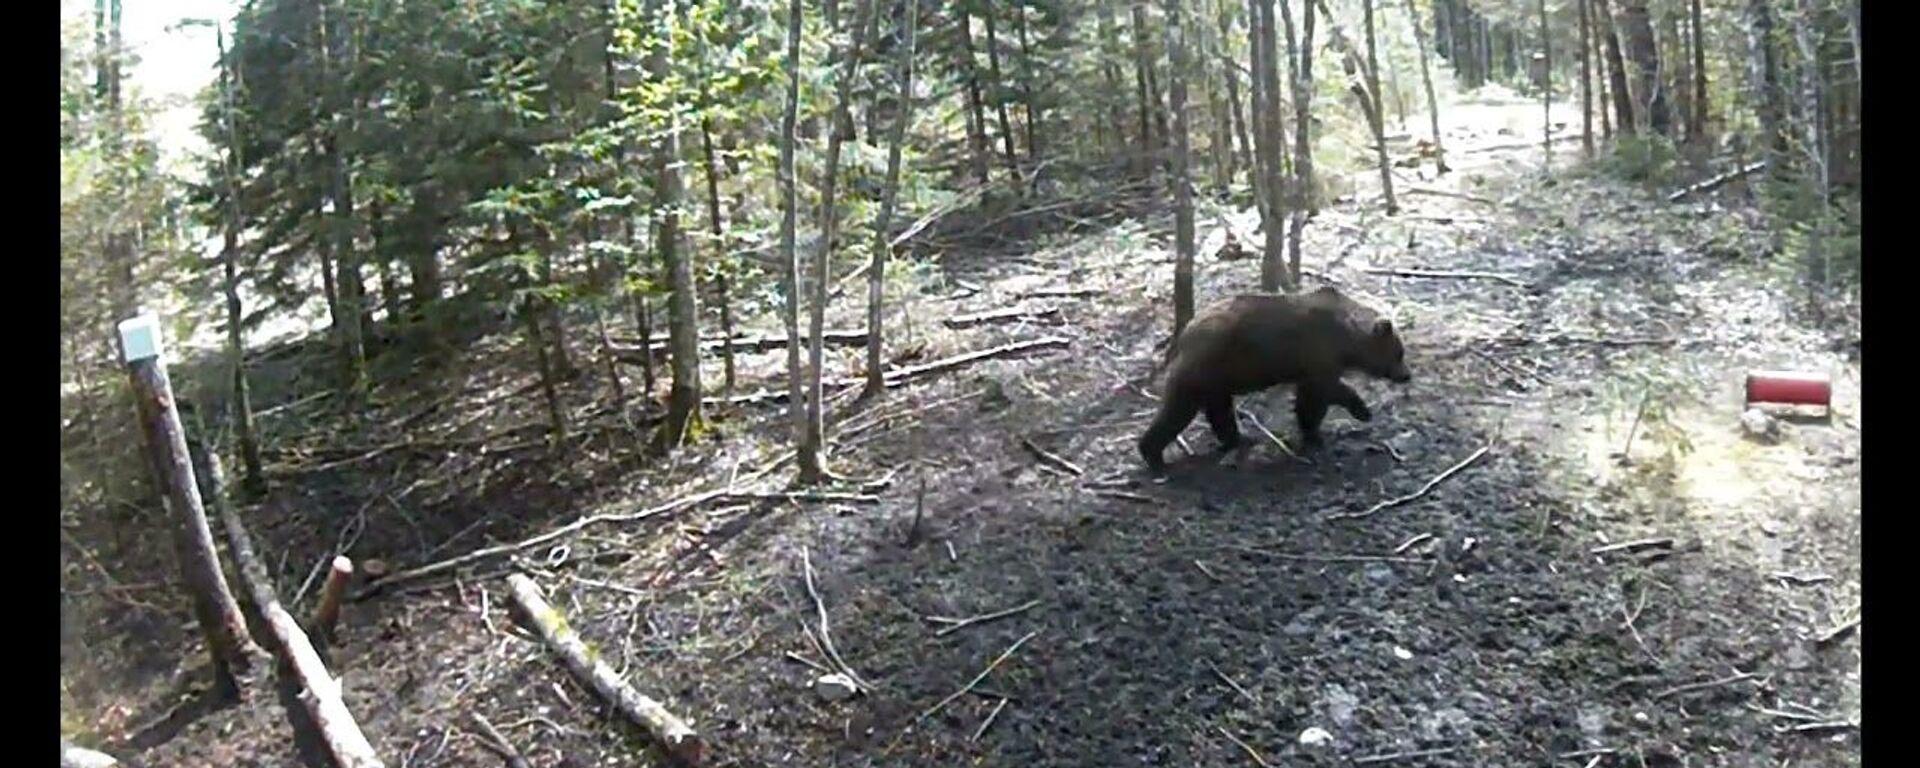 В Лиепайском крае был замечен бурый медведь - Sputnik Latvija, 1920, 12.05.2021